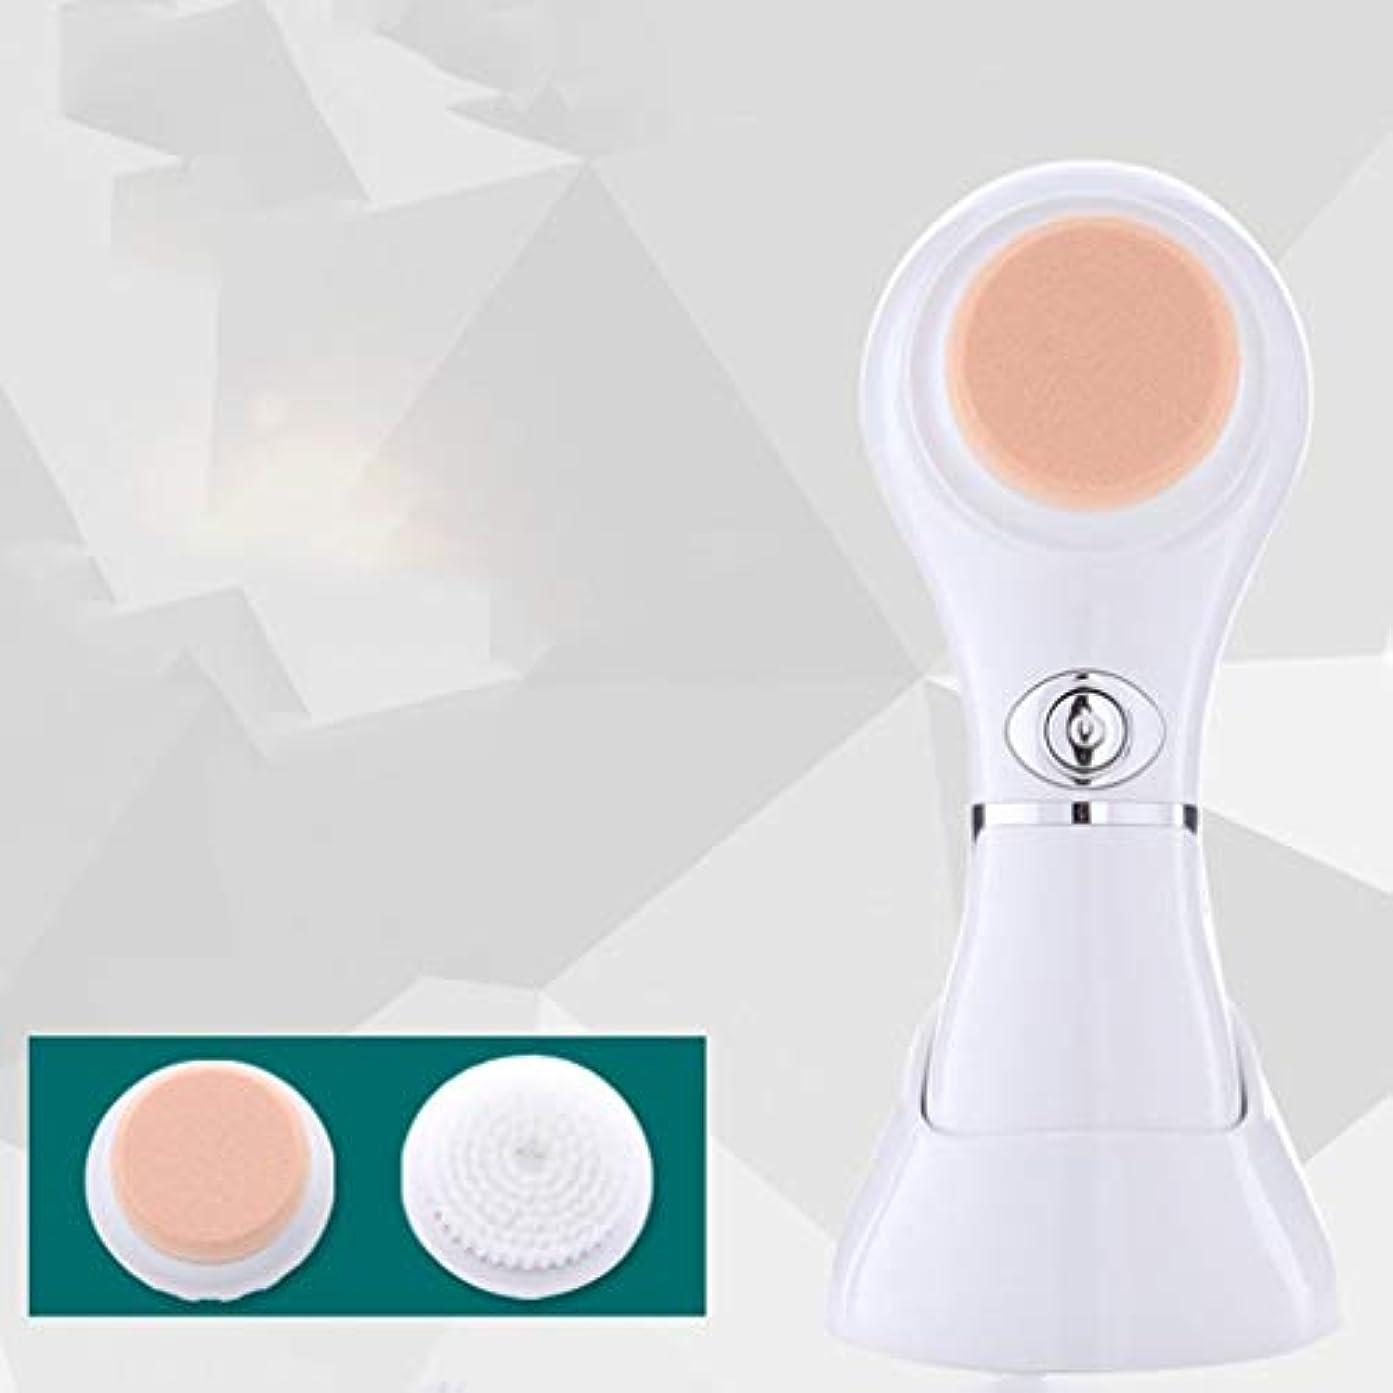 氏ではごきげんようジャングルディープクレンジングブラシ、高度な振動テクノロジーを備えた電気美肌マッサージクリア化粧品の残留物が肌を若返らせます (Color : White)